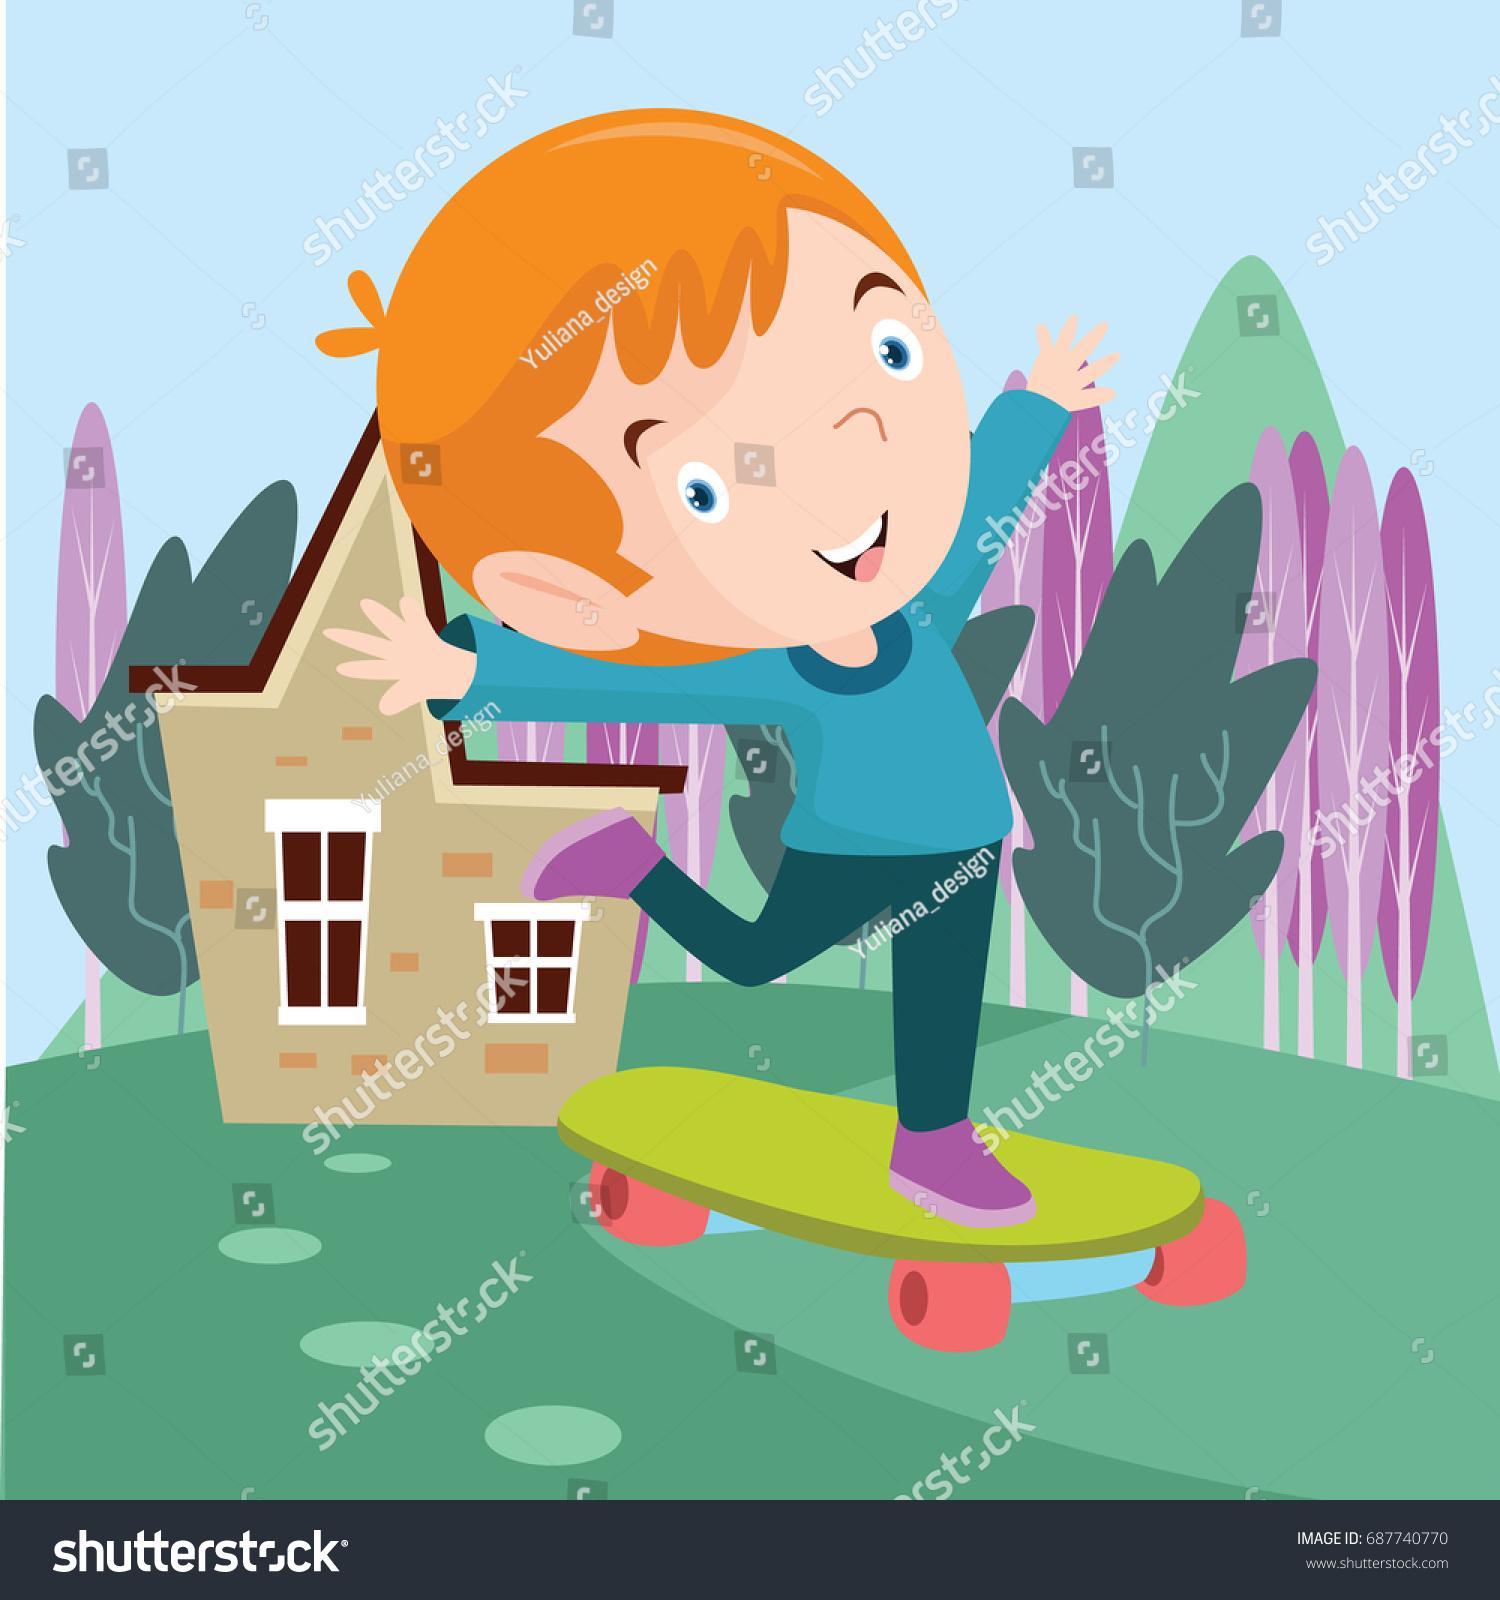 little cute boys play skate board stock vector 687740770